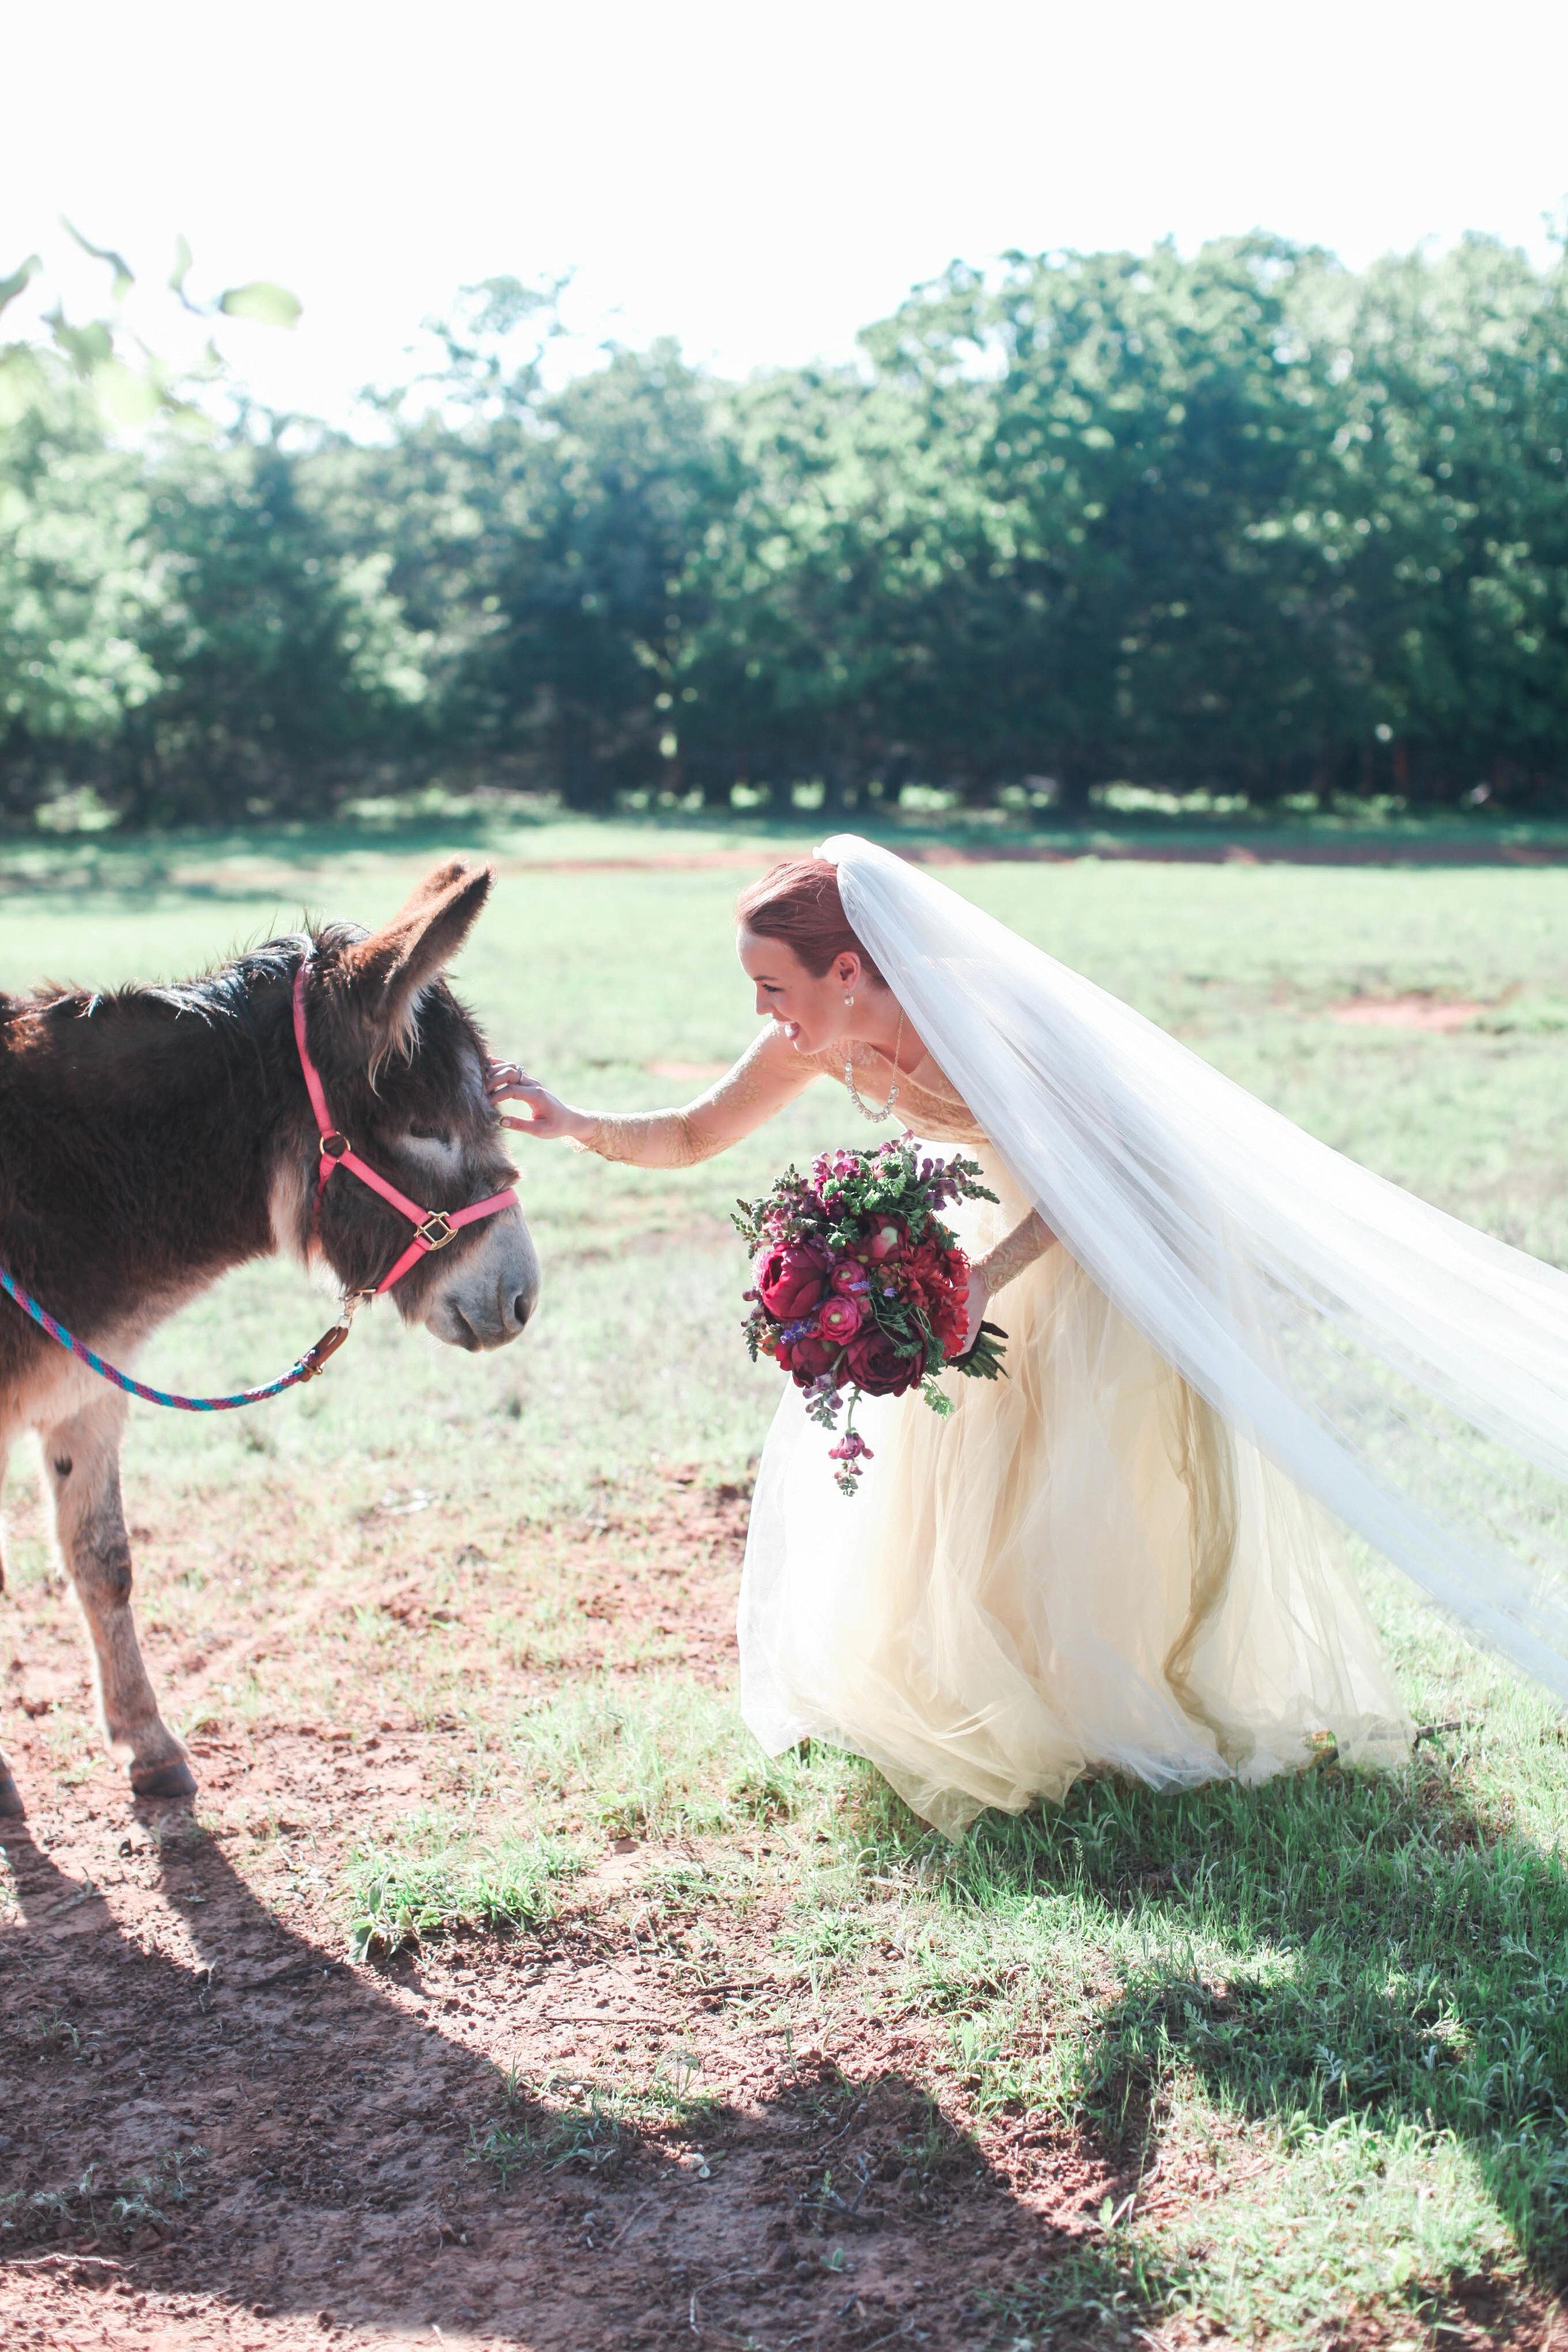 im_kristen_ree_ladd_drummon_pioneer_woman_wedding (10 of 125).jpg